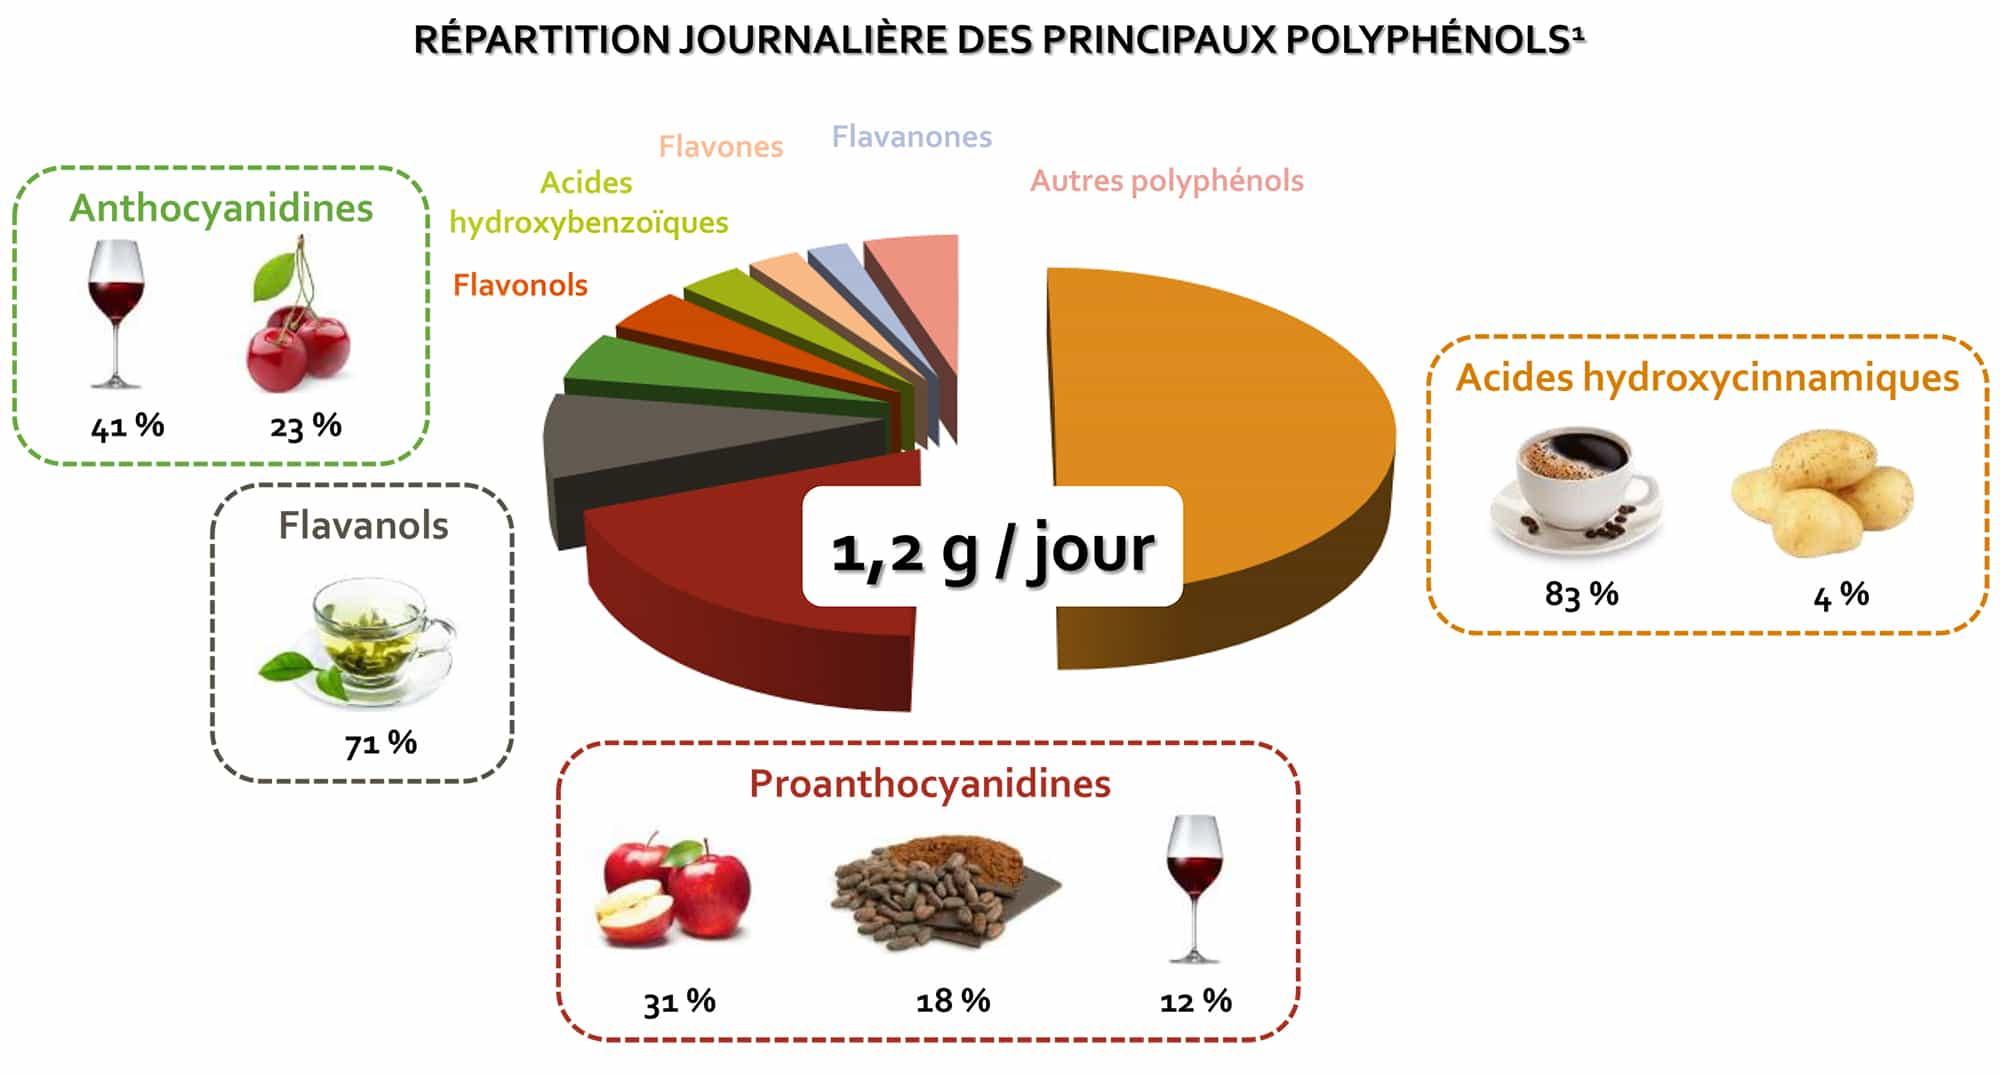 Répartition Journalière des principaux polyphénols, sur Nutrixeal Info